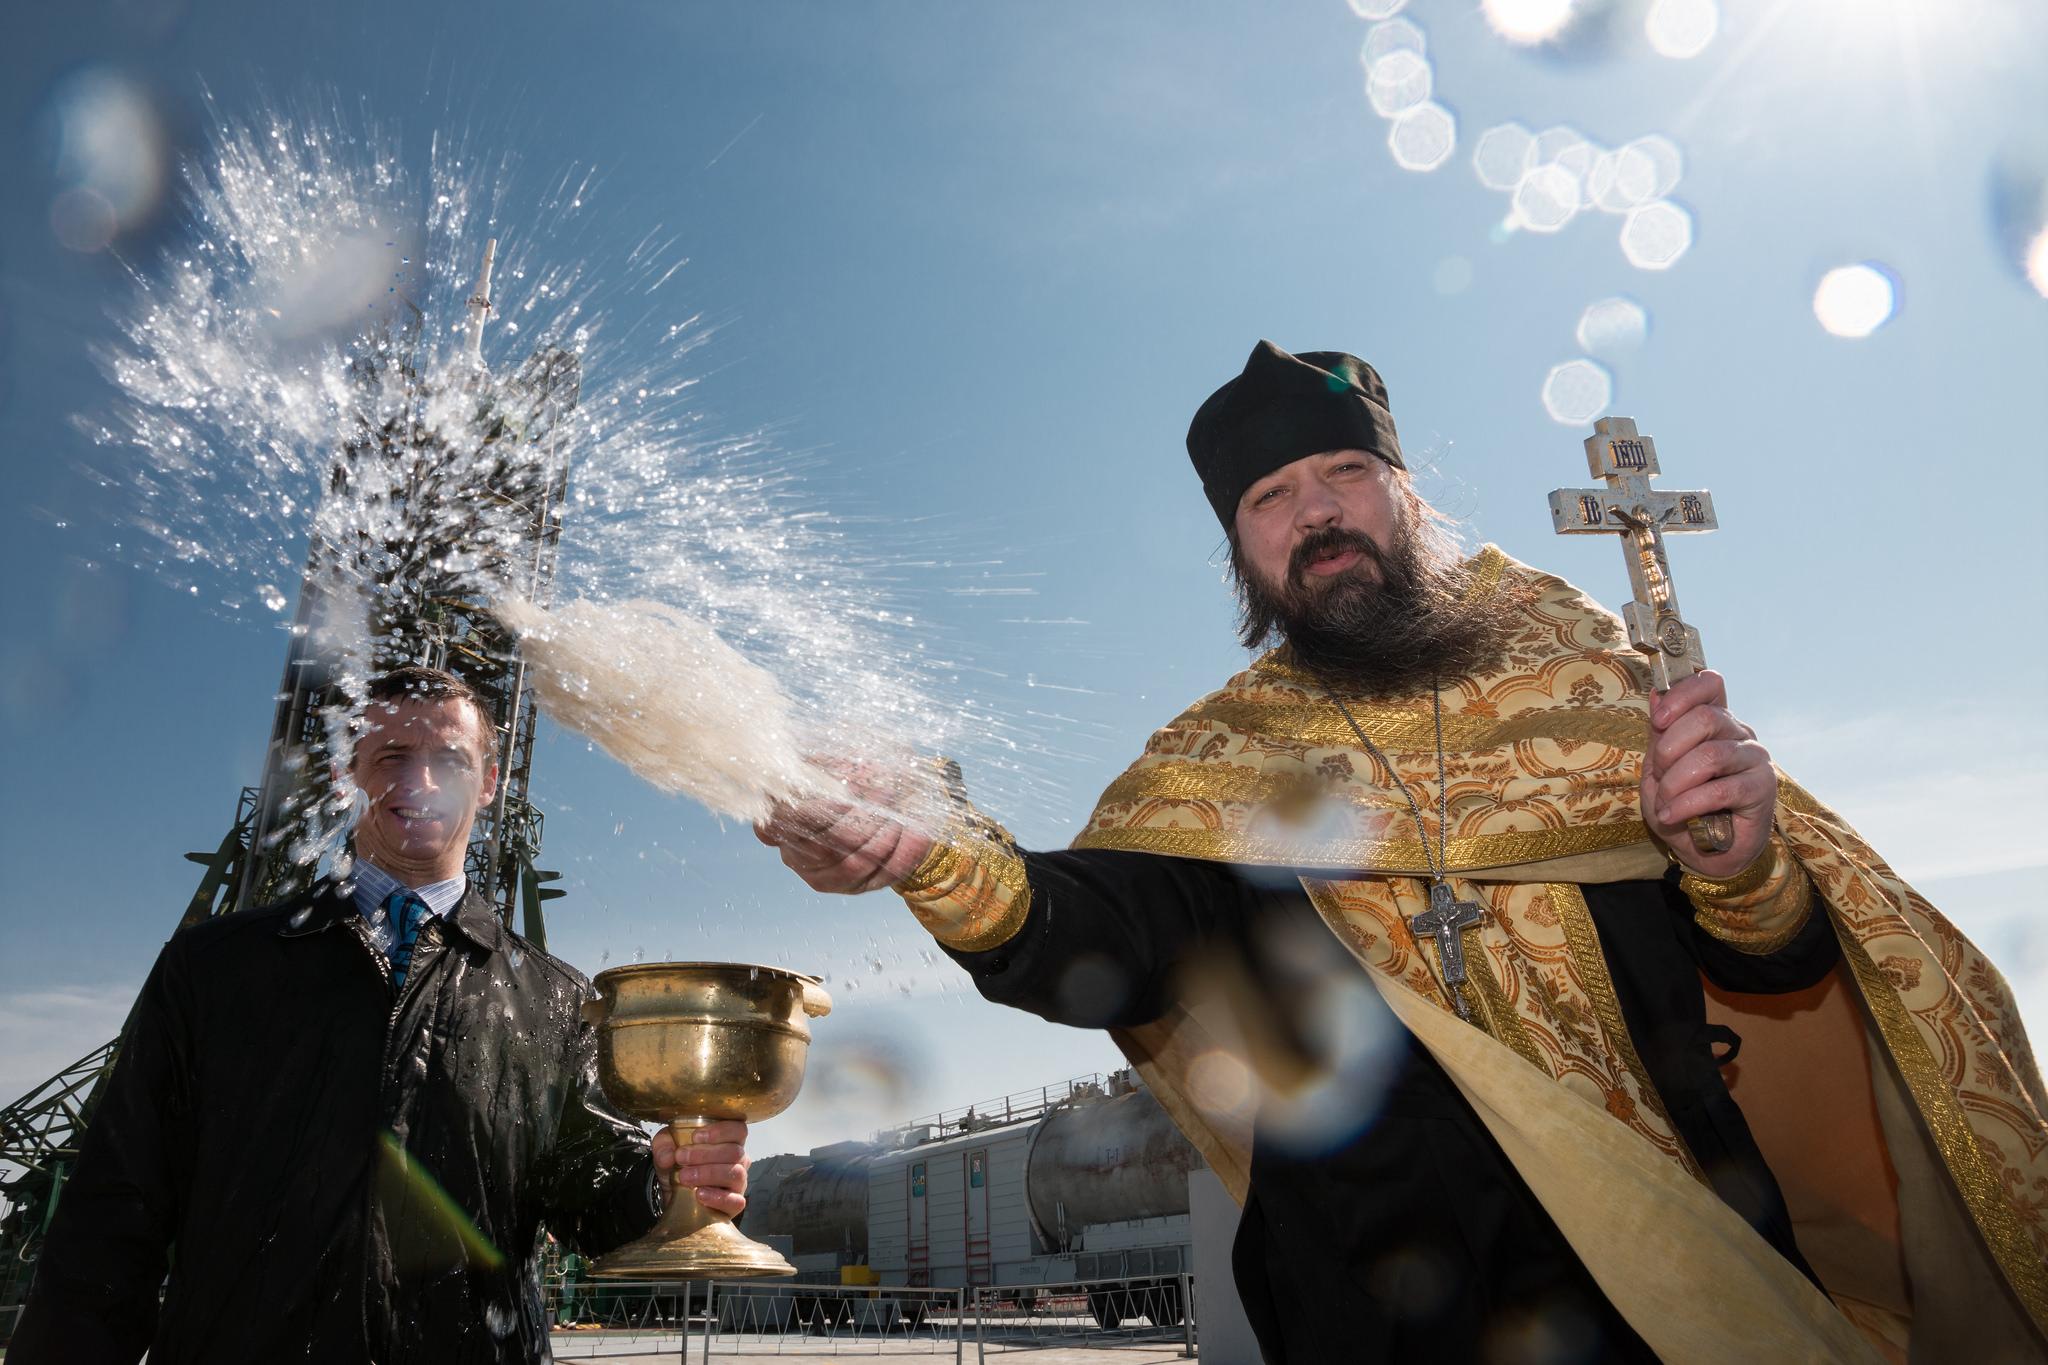 Pravoslavný kněz žehná posádce kosmické lodi Sojuz na kosmodromu Bajkonur